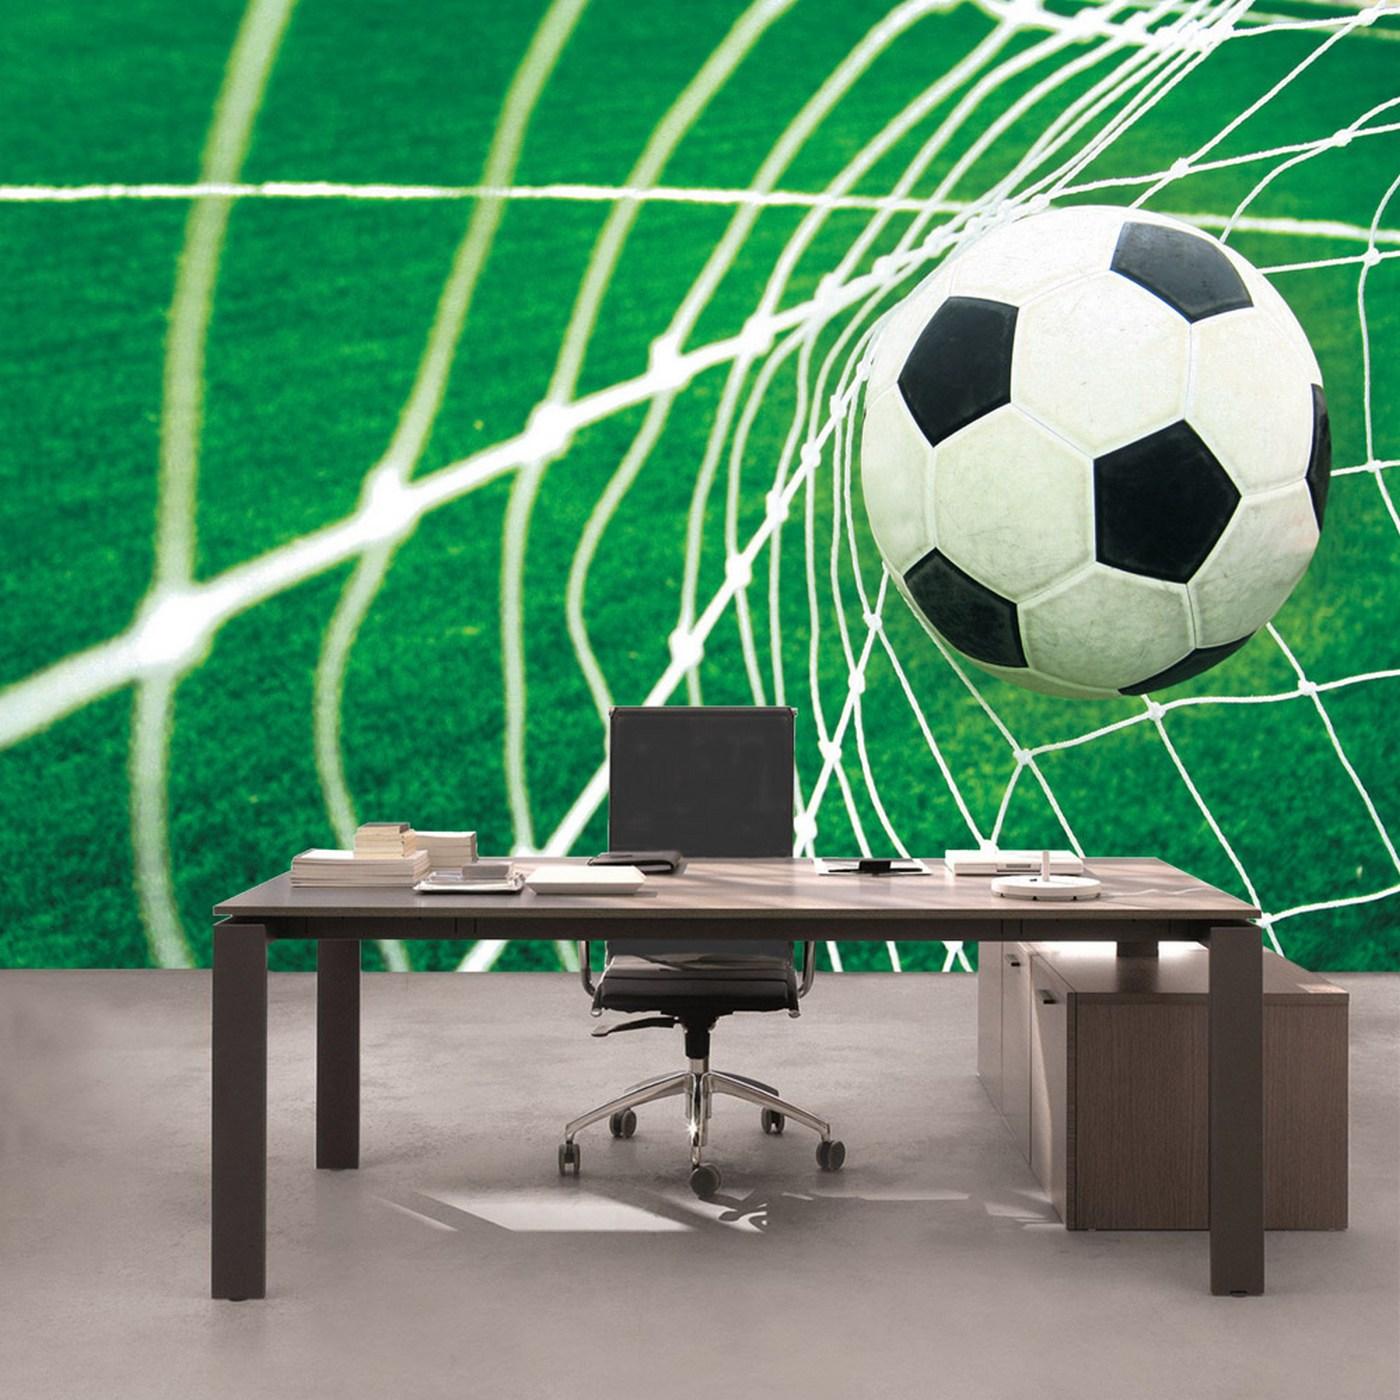 Vlies Fototapete 272 - Fußball Tapete Fussball Netz Wiese grün